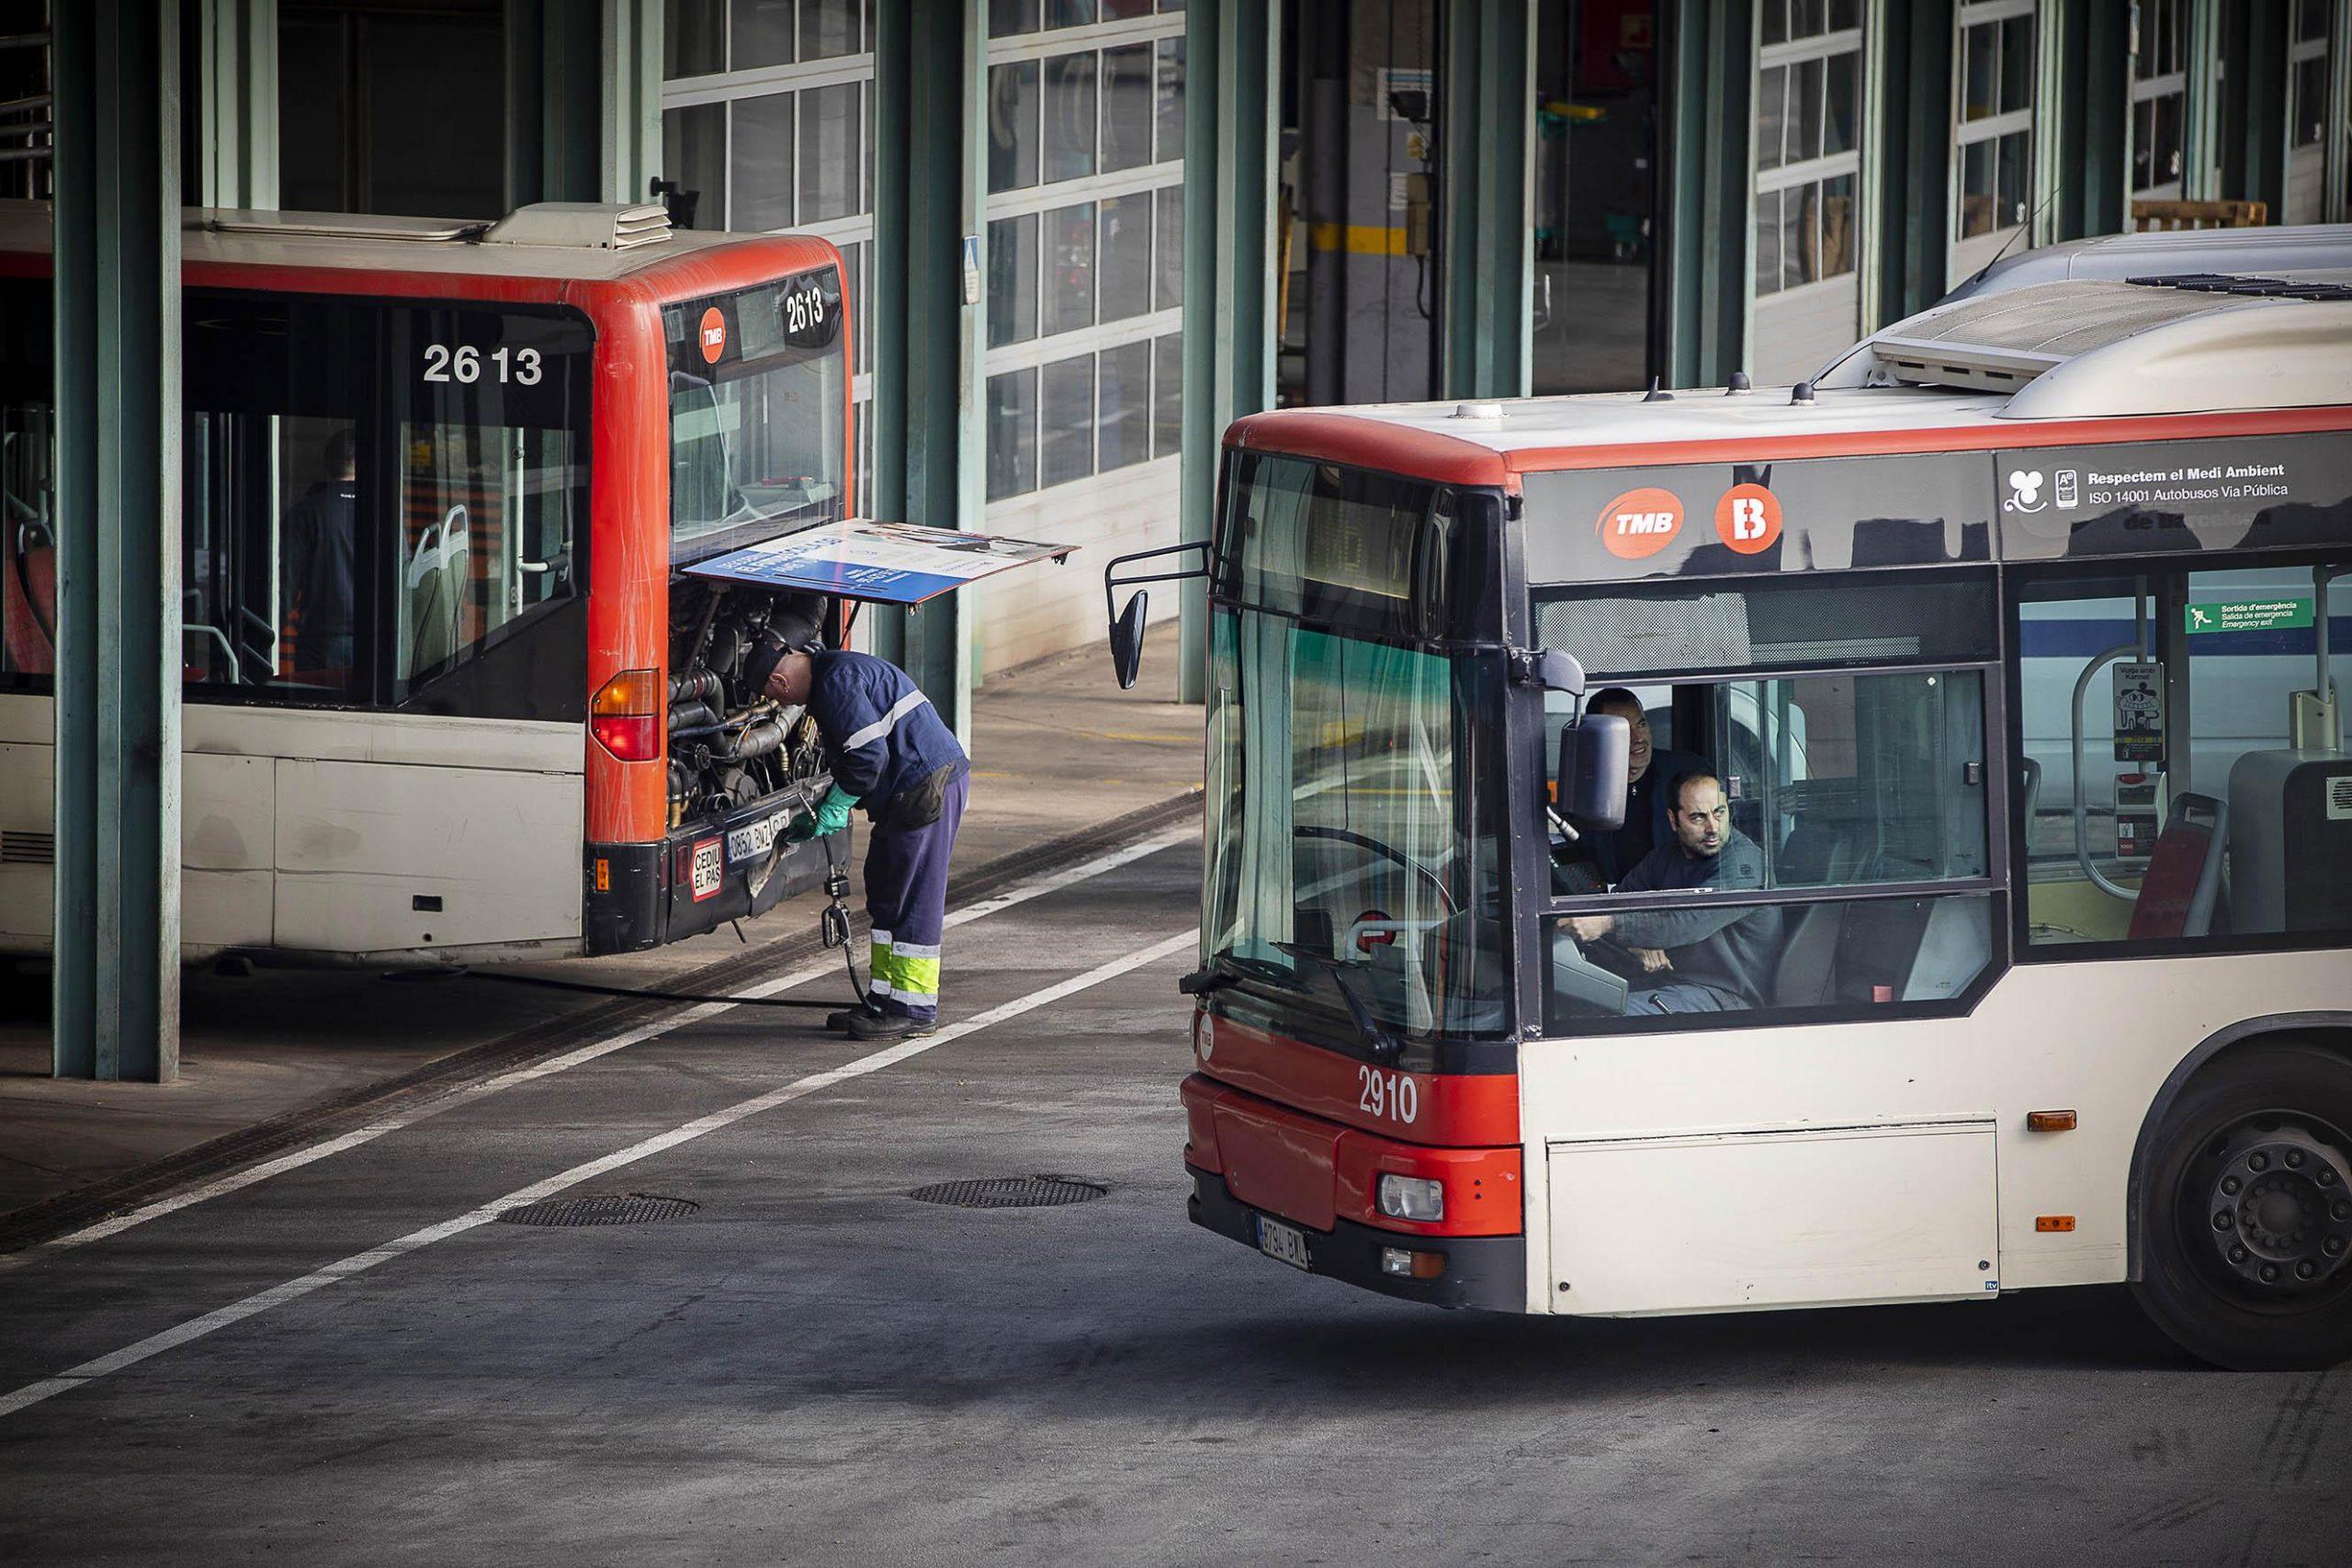 Un conductor de bus entra a les cotxeres d'Horta mentre un altre treballador revisa un vehicle, en imatge d'arxiu / Jordi Play